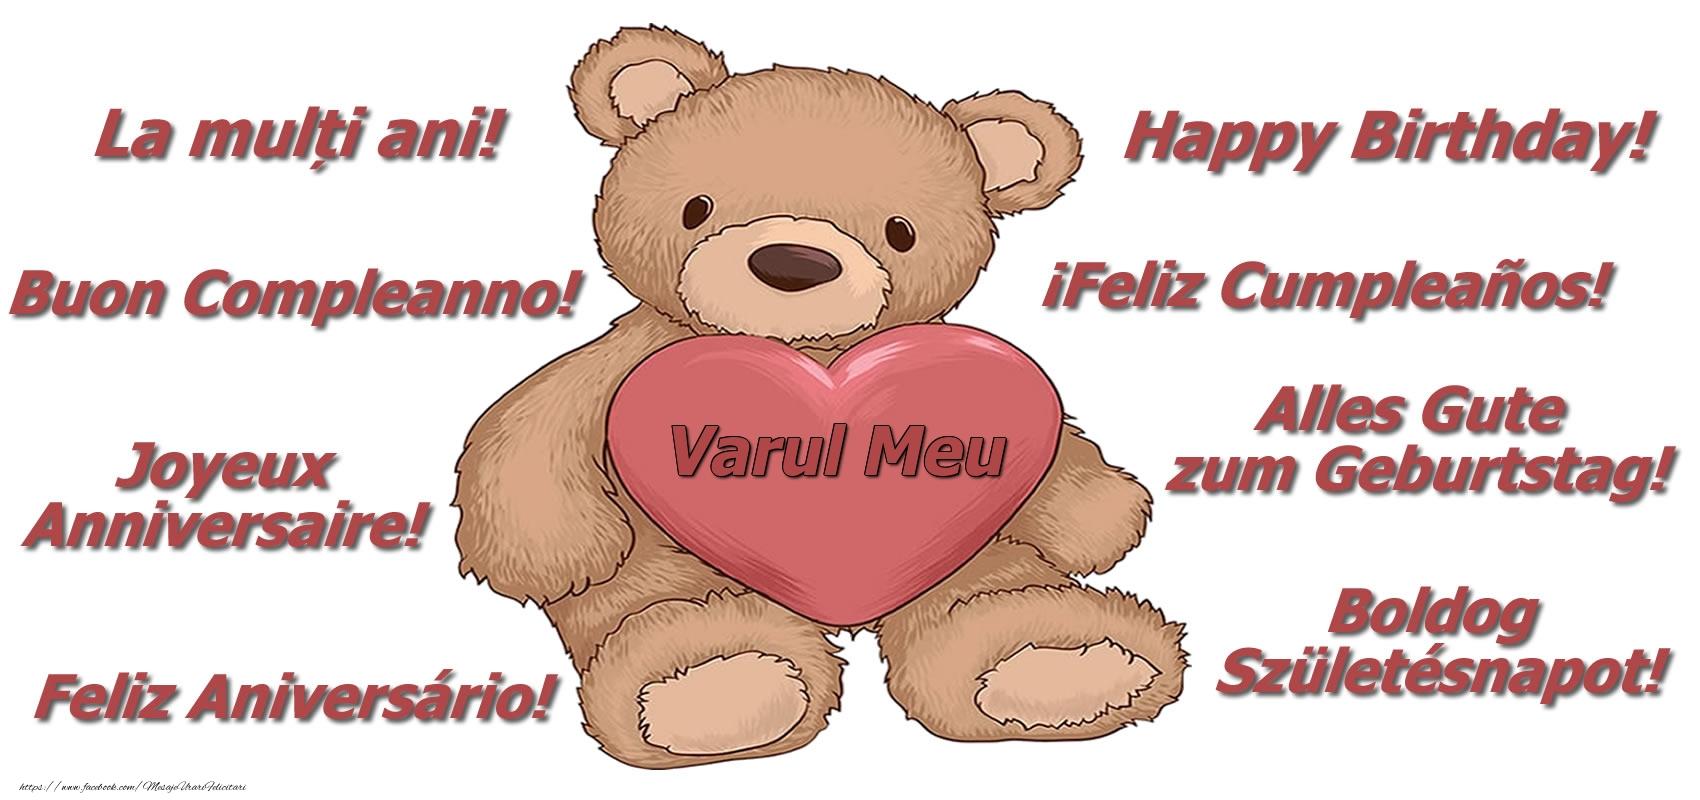 Felicitari frumoase de zi de nastere pentru Verisor | La multi ani varul meu! - Ursulet